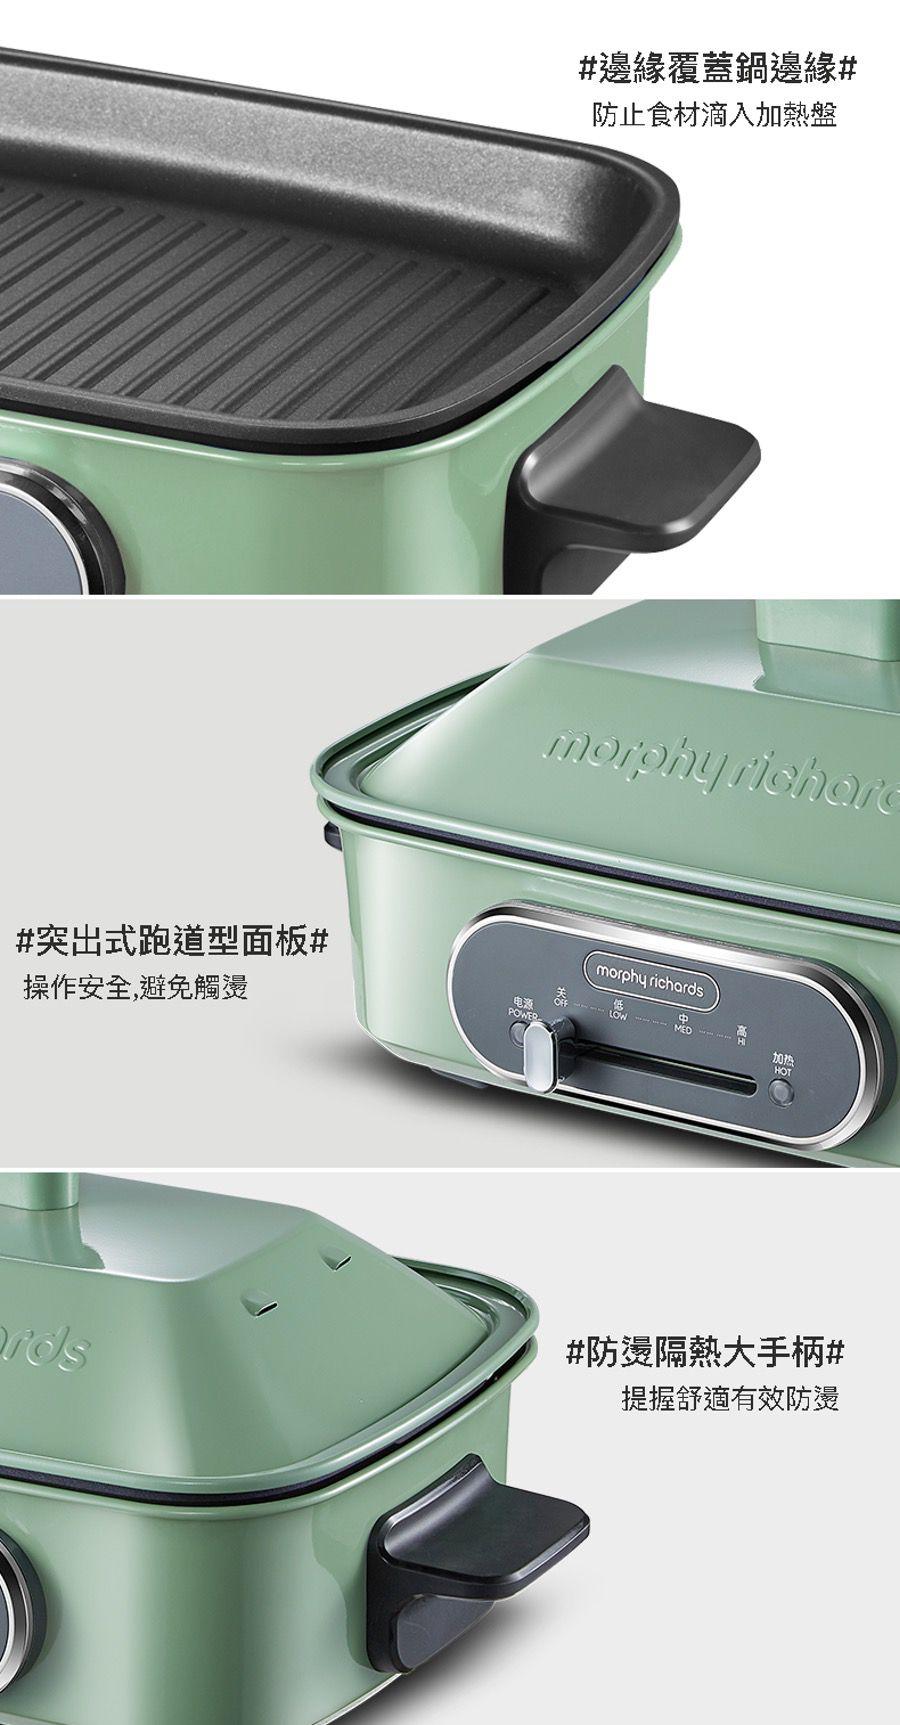 摩飛 MR9088 多功能電烤鍋